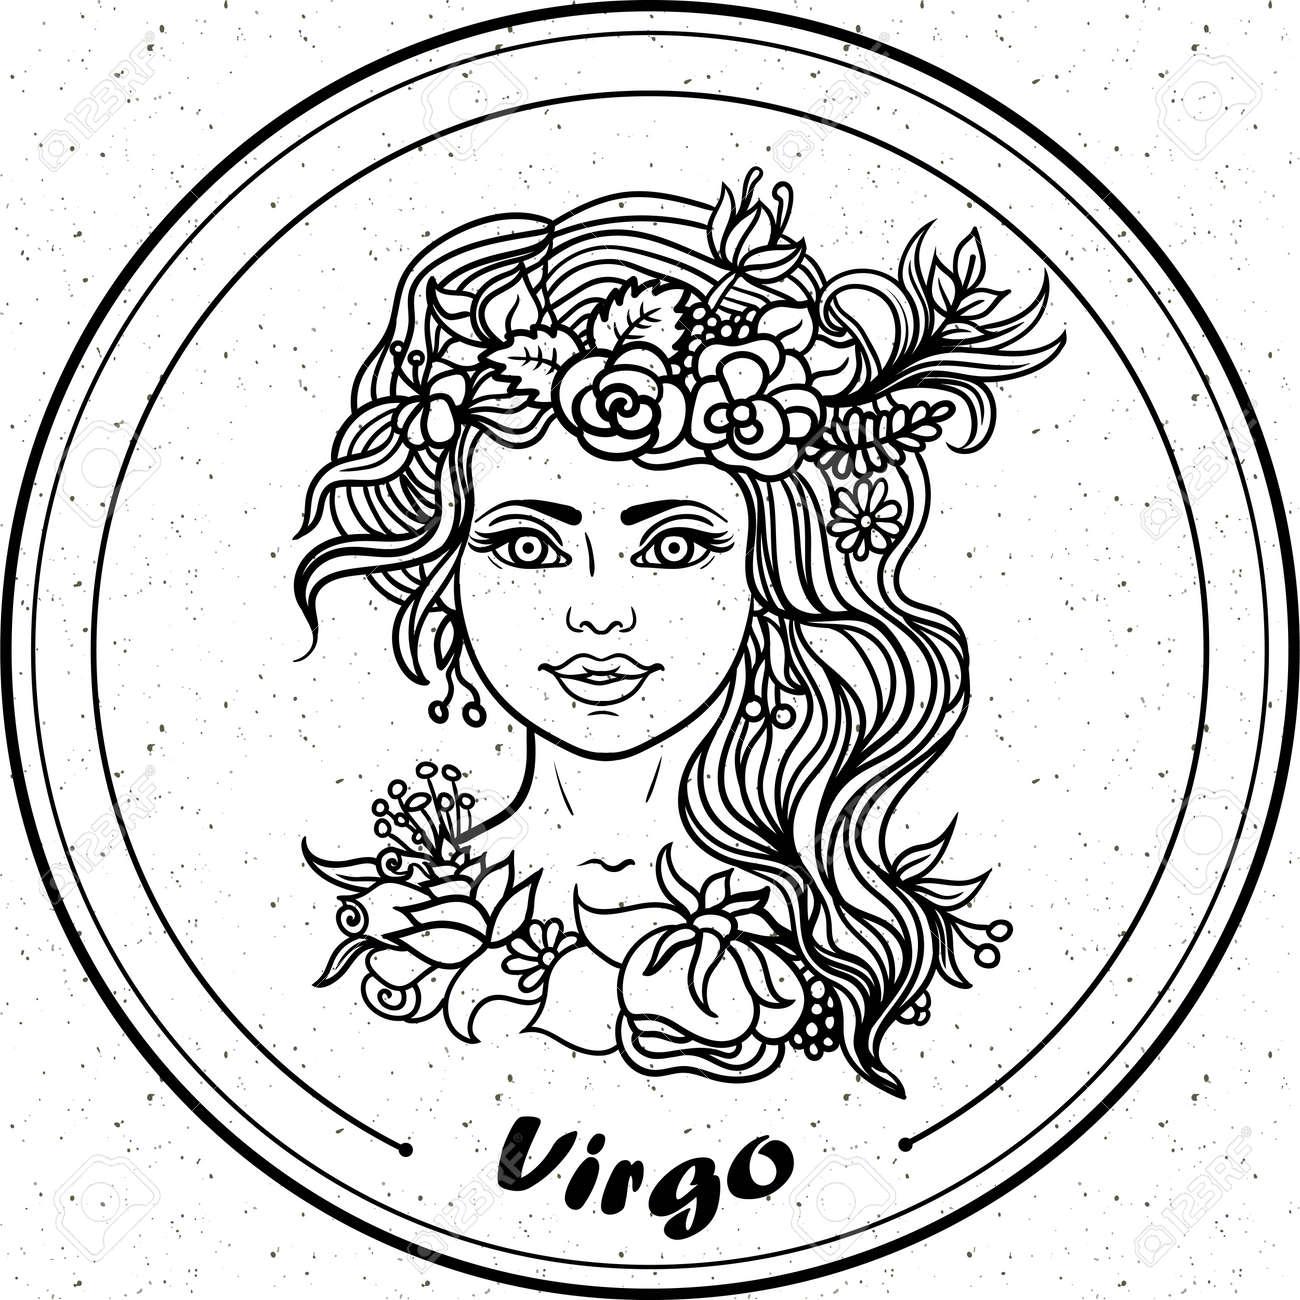 Detalla Virgo En Línea Estilo Del Arte De Filigrana Azteca Tatuaje